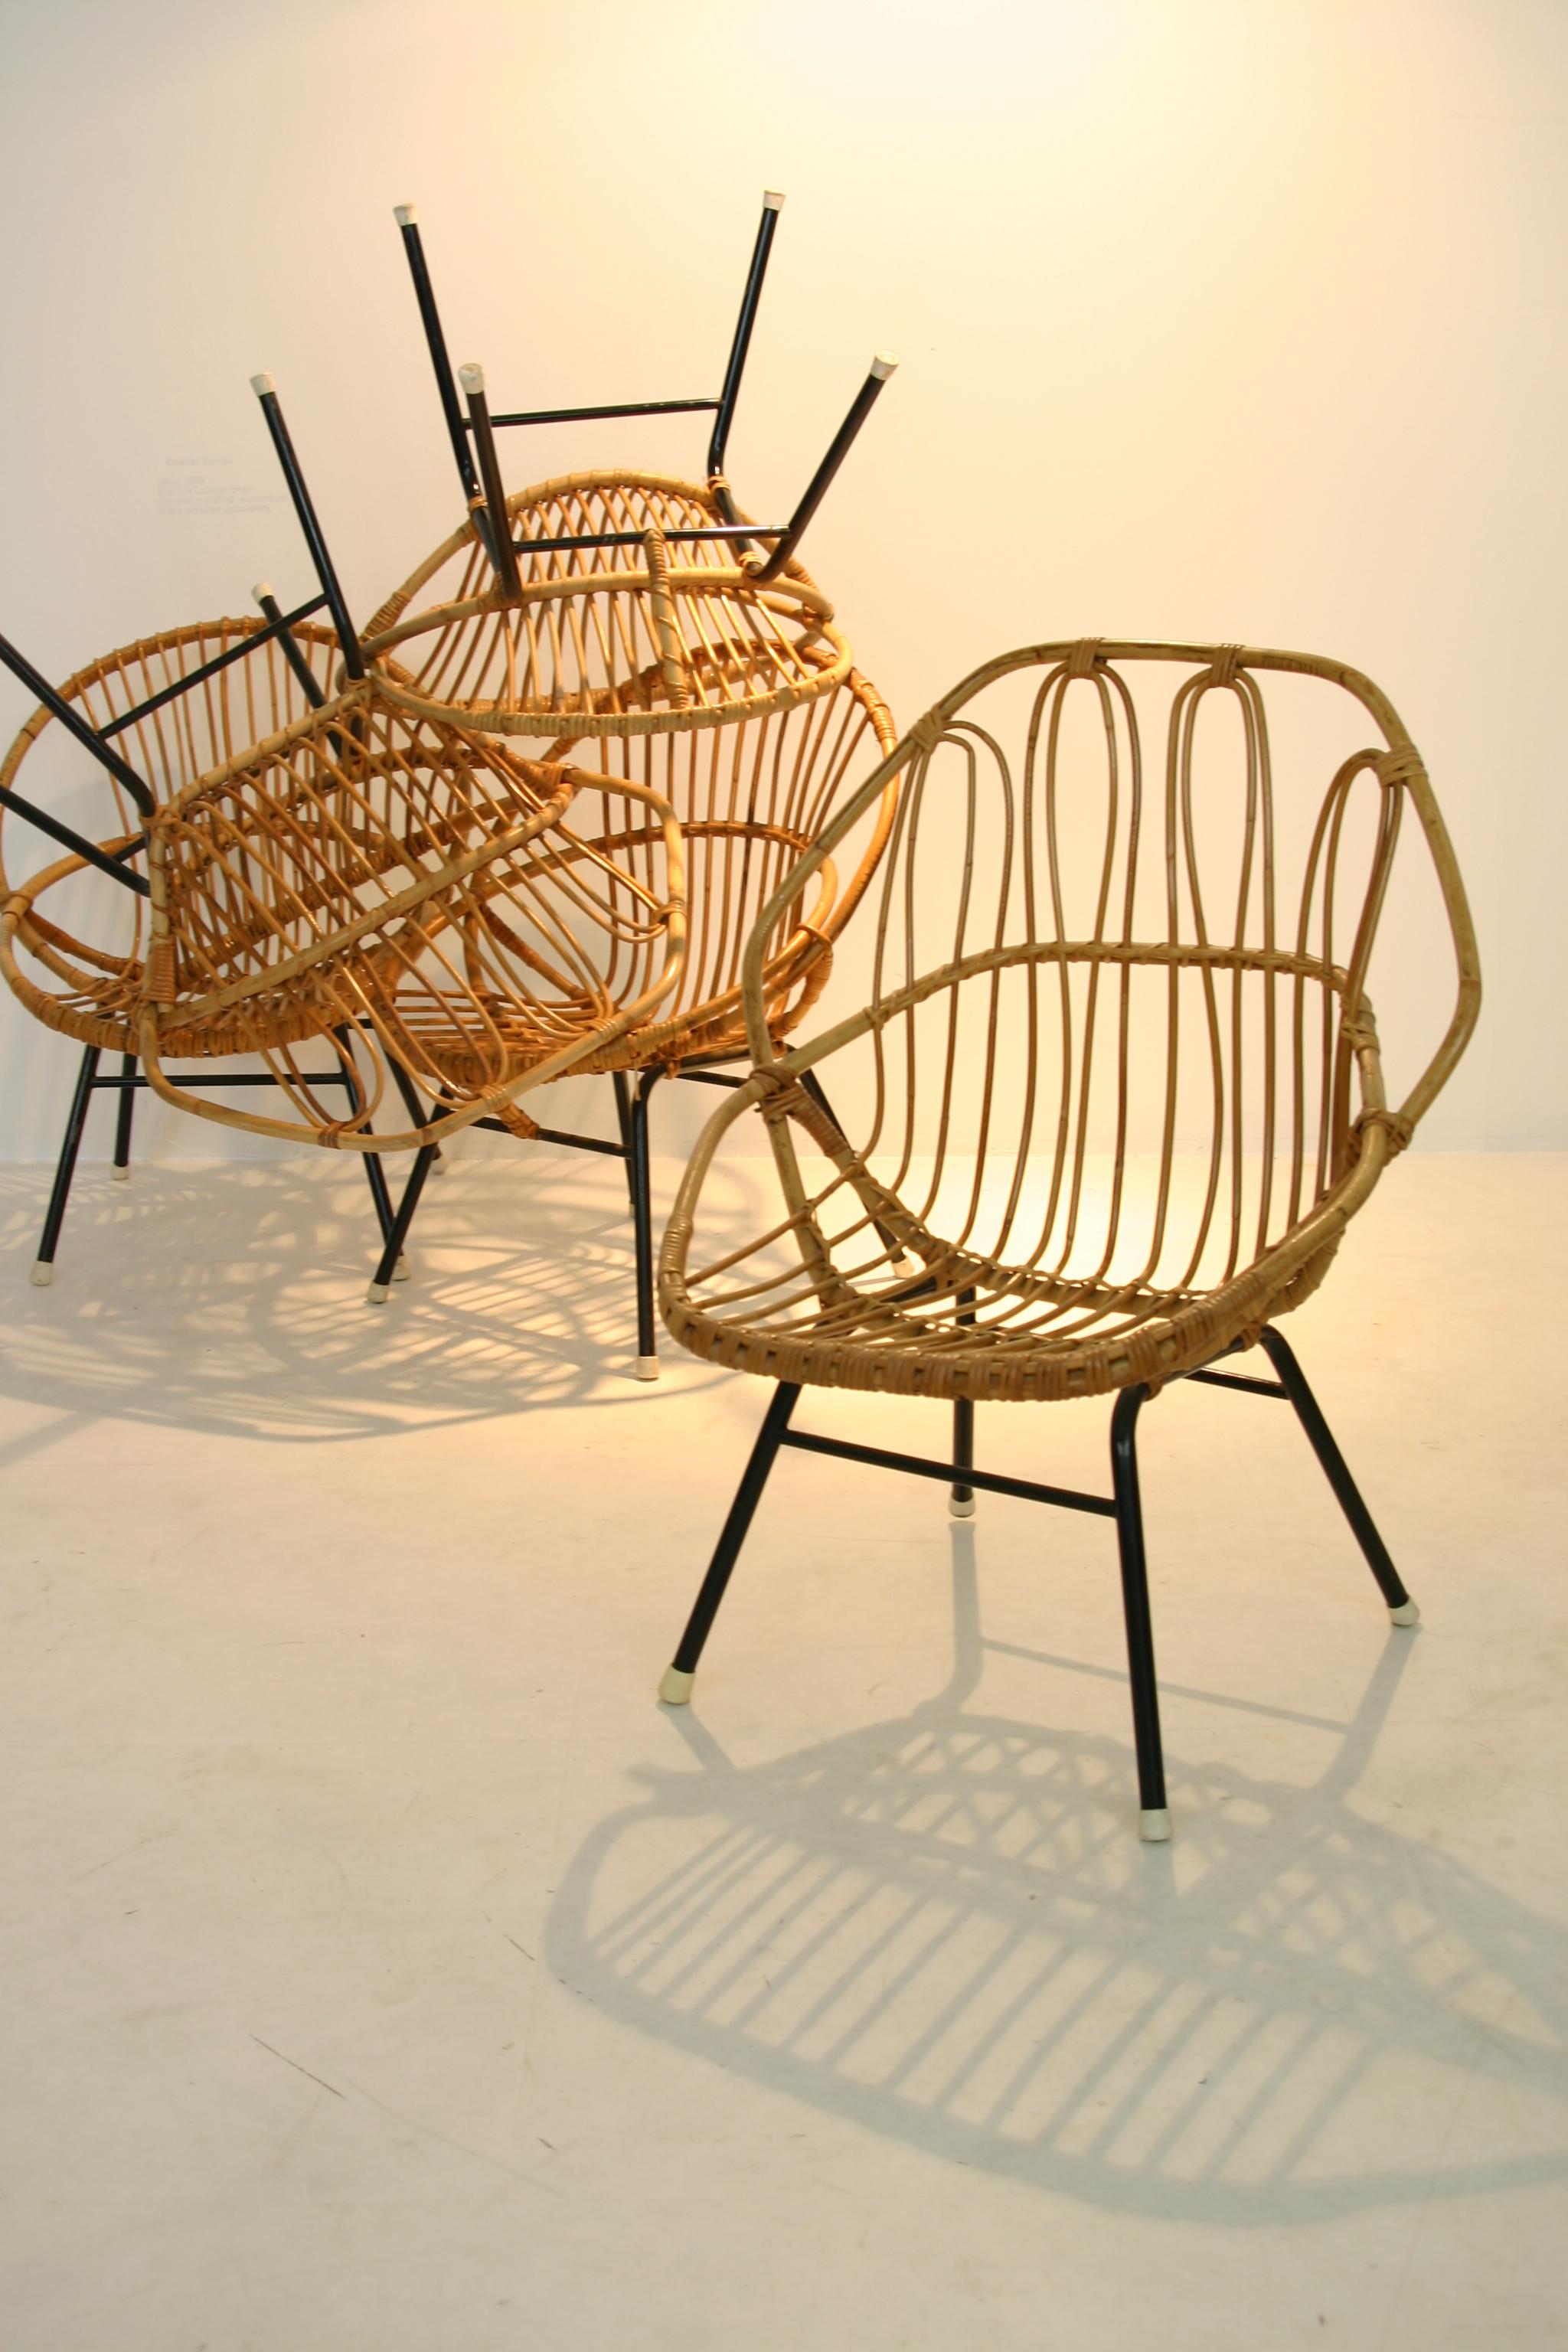 Rattan garden furniture SOLD